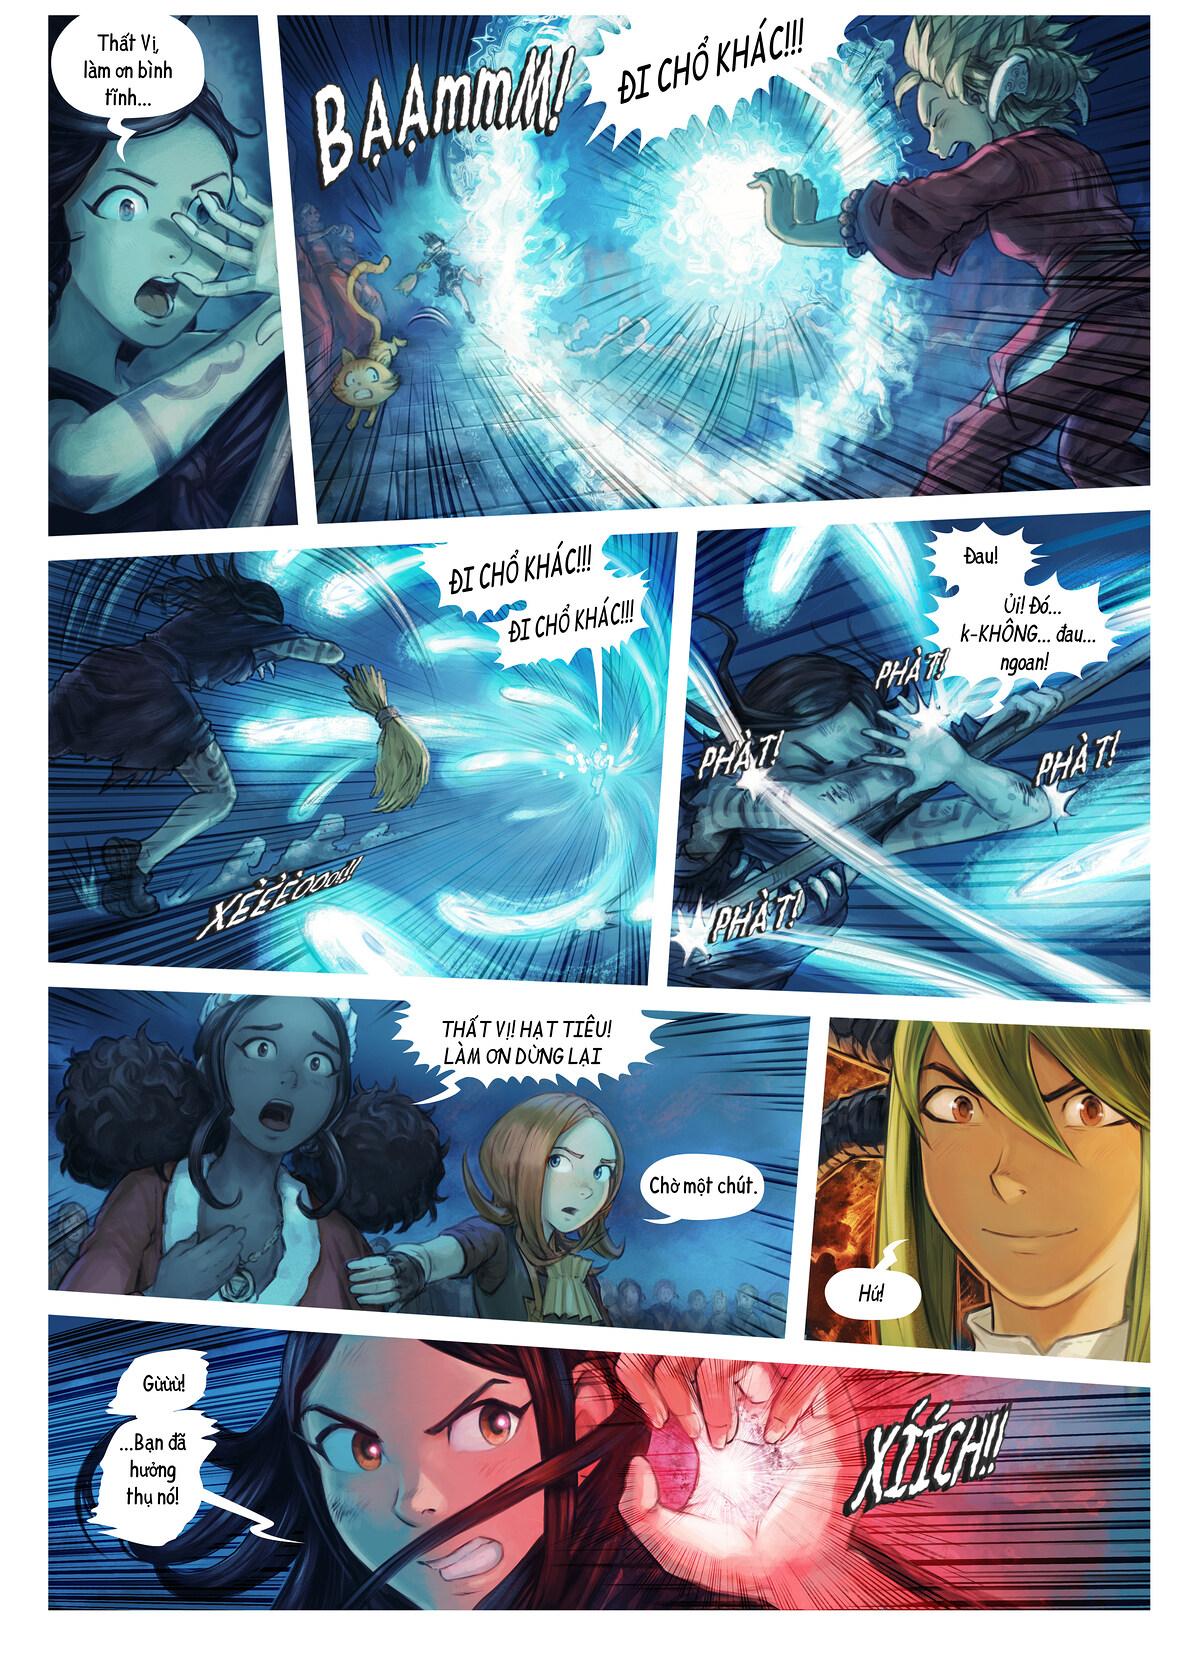 Tập 34: Thất Vị Nhậm Chức Hiệp Sĩ, Trang 6